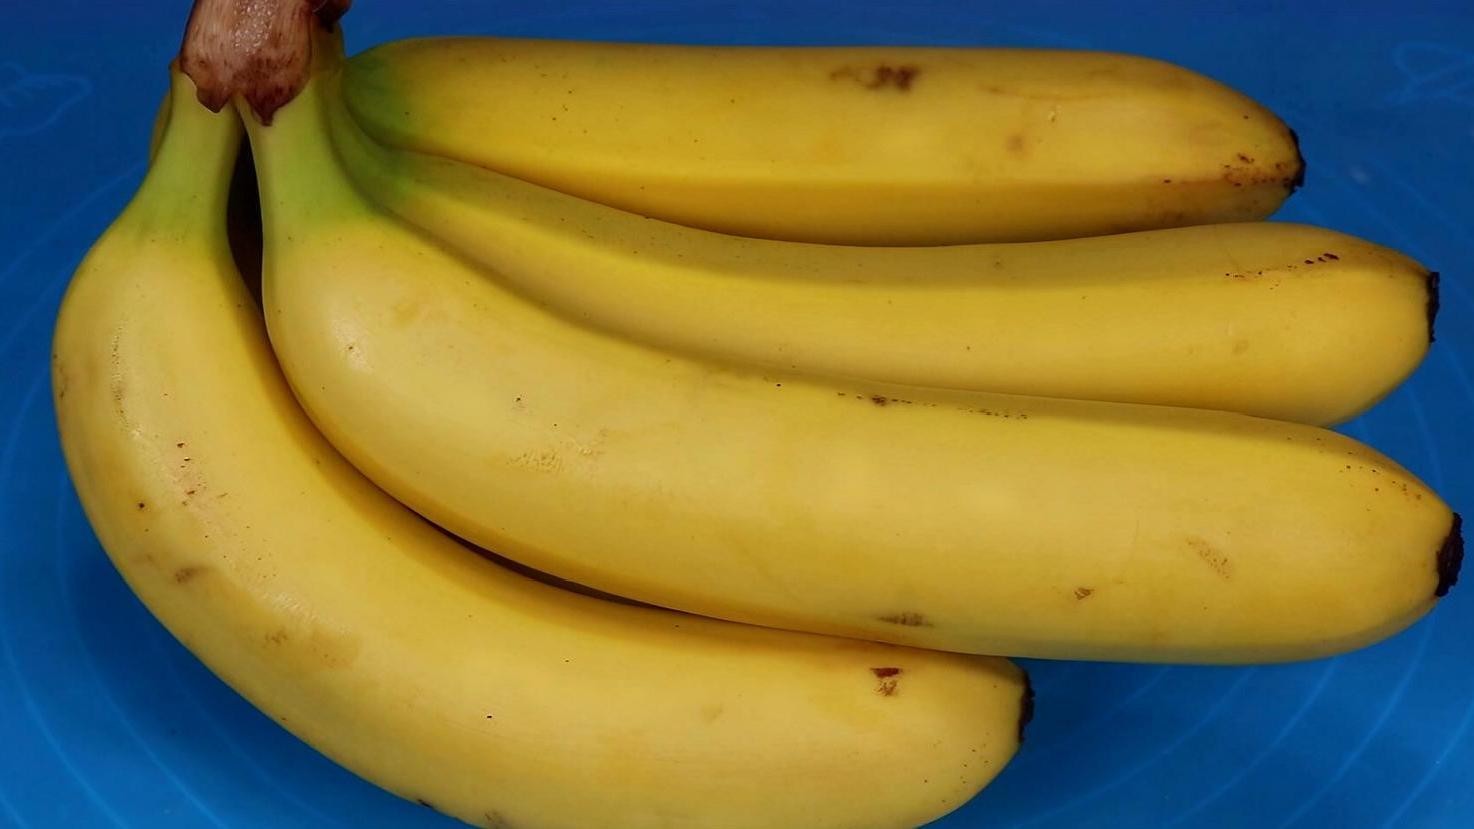 買香蕉,挑直的還是彎的,學會這些,絕對能挑出又甜又香的香蕉了